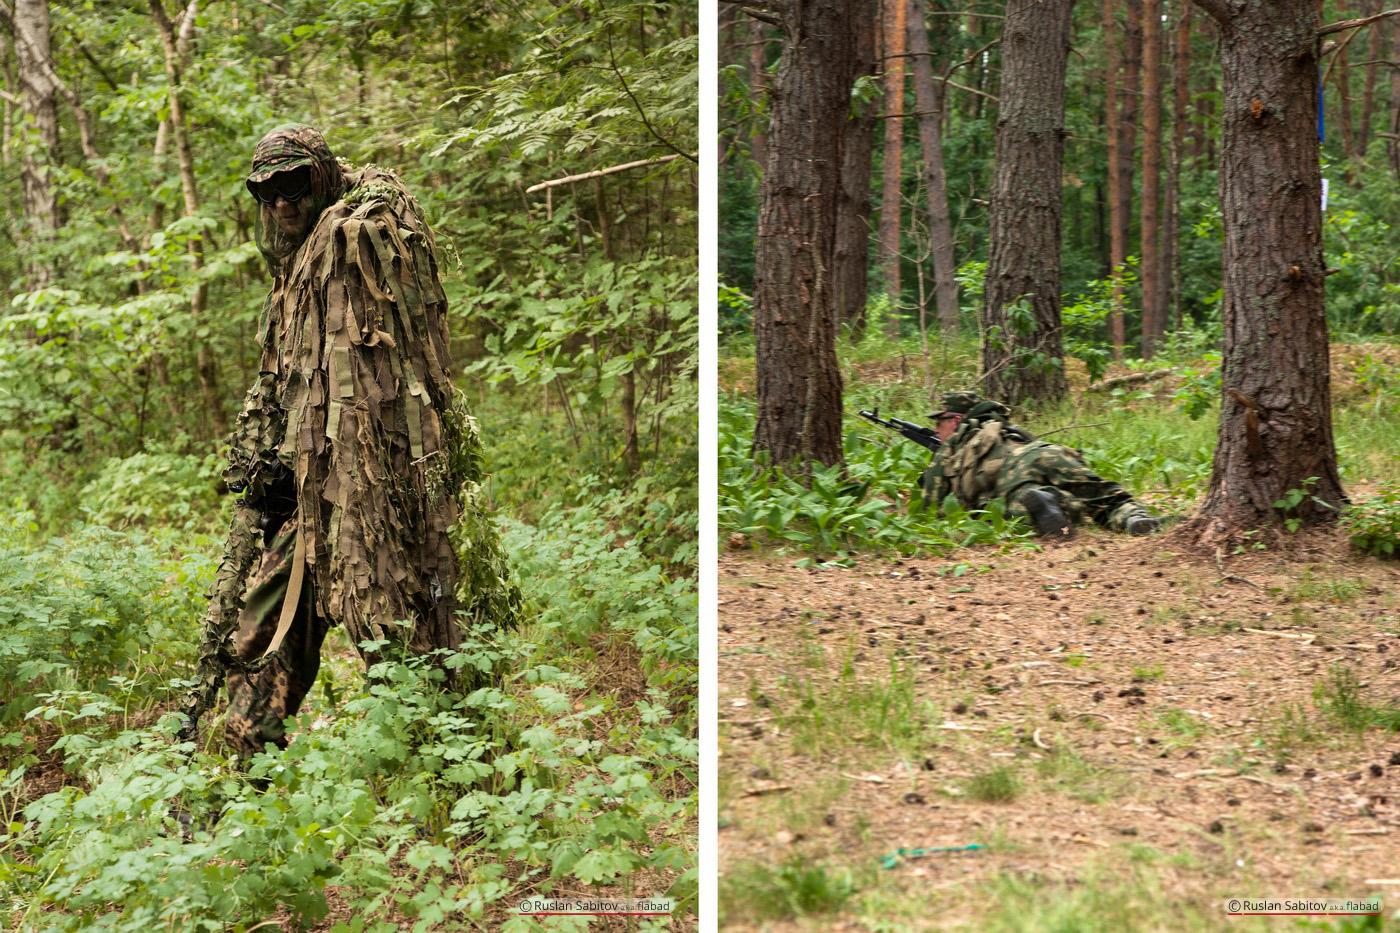 Наш эксклюзив. Страйкбол-стрельбы в Калуге, или война почти по-настоящему. 30 фото, немного инфы.